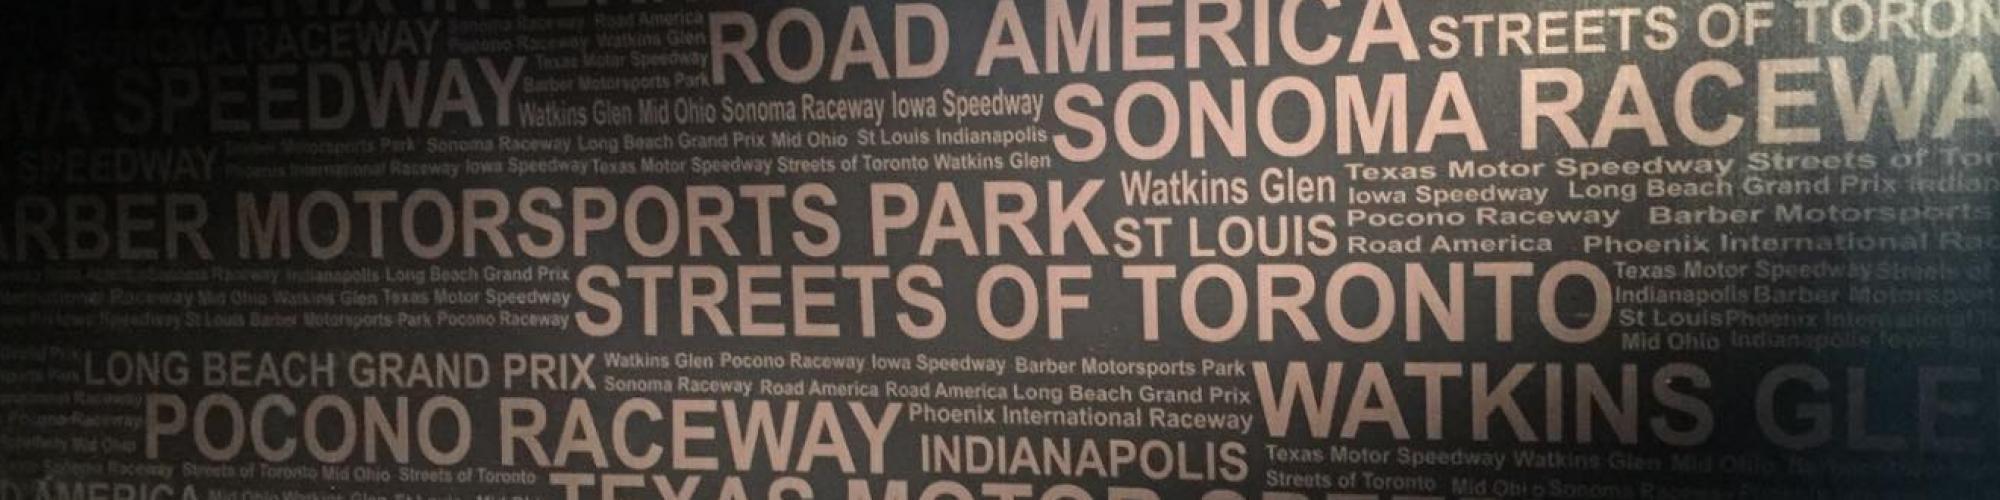 Rahal Letterman Lanigan Racing cover image